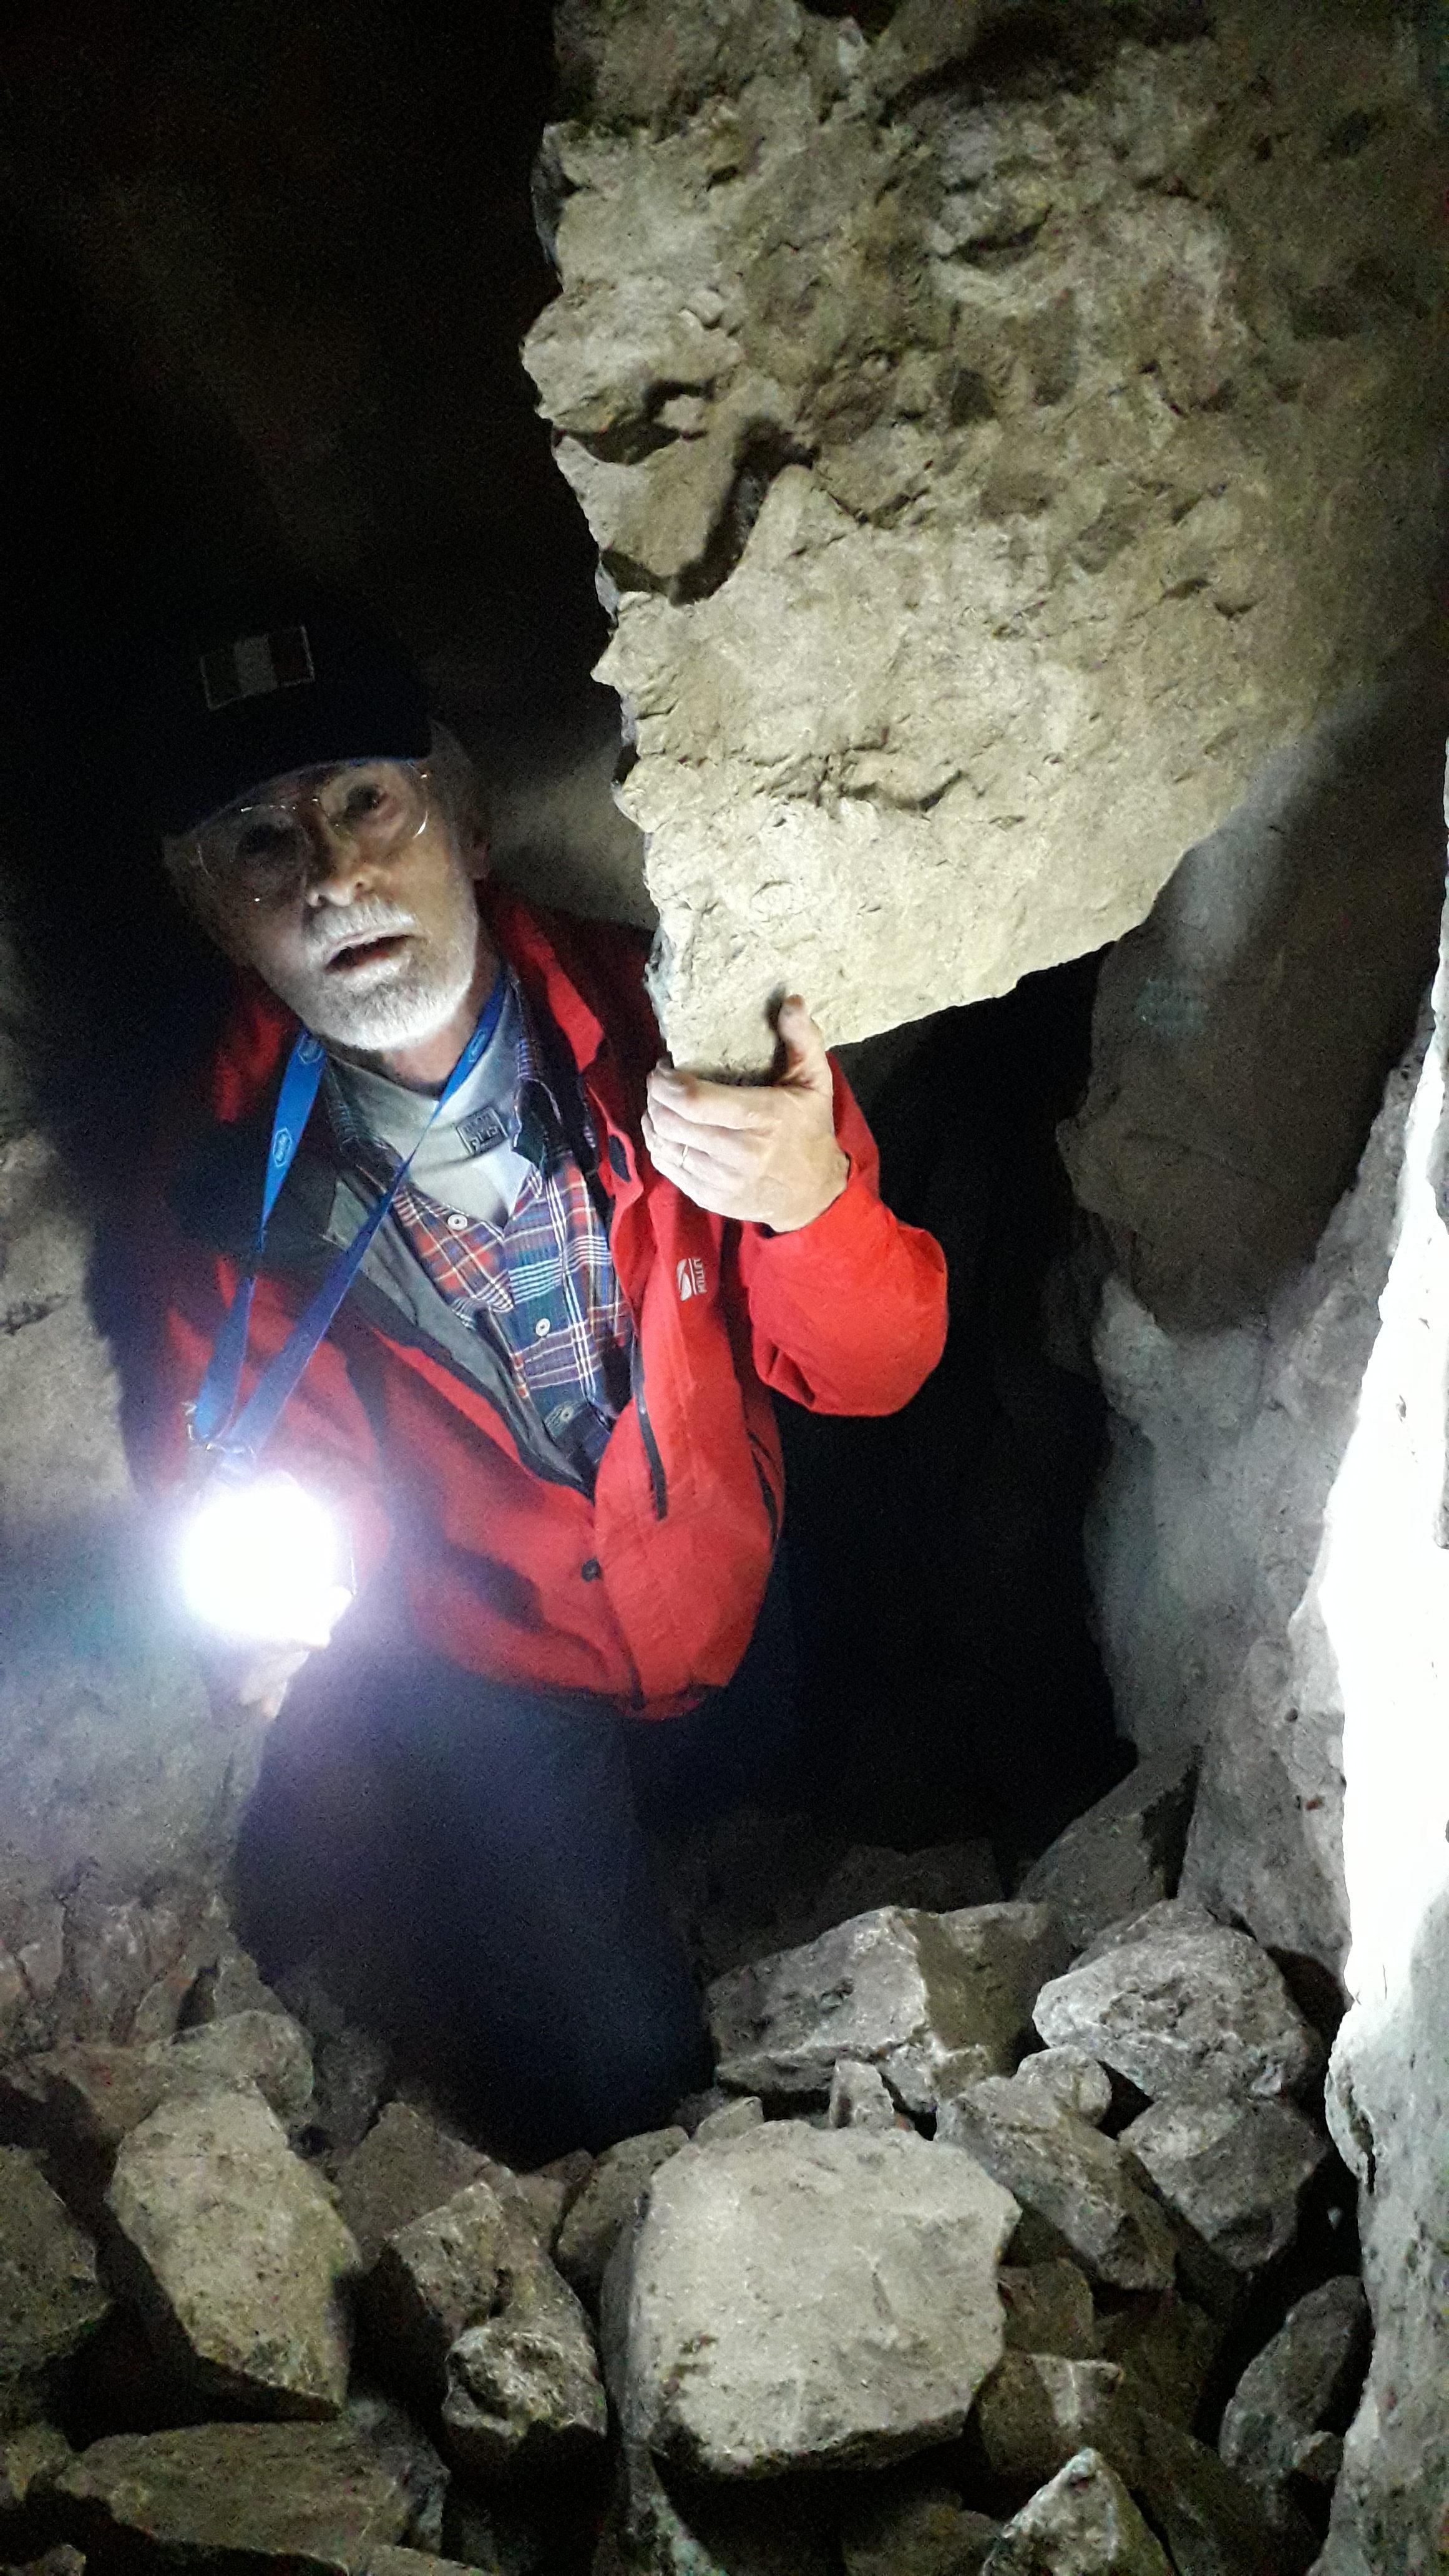 Grotta 2019